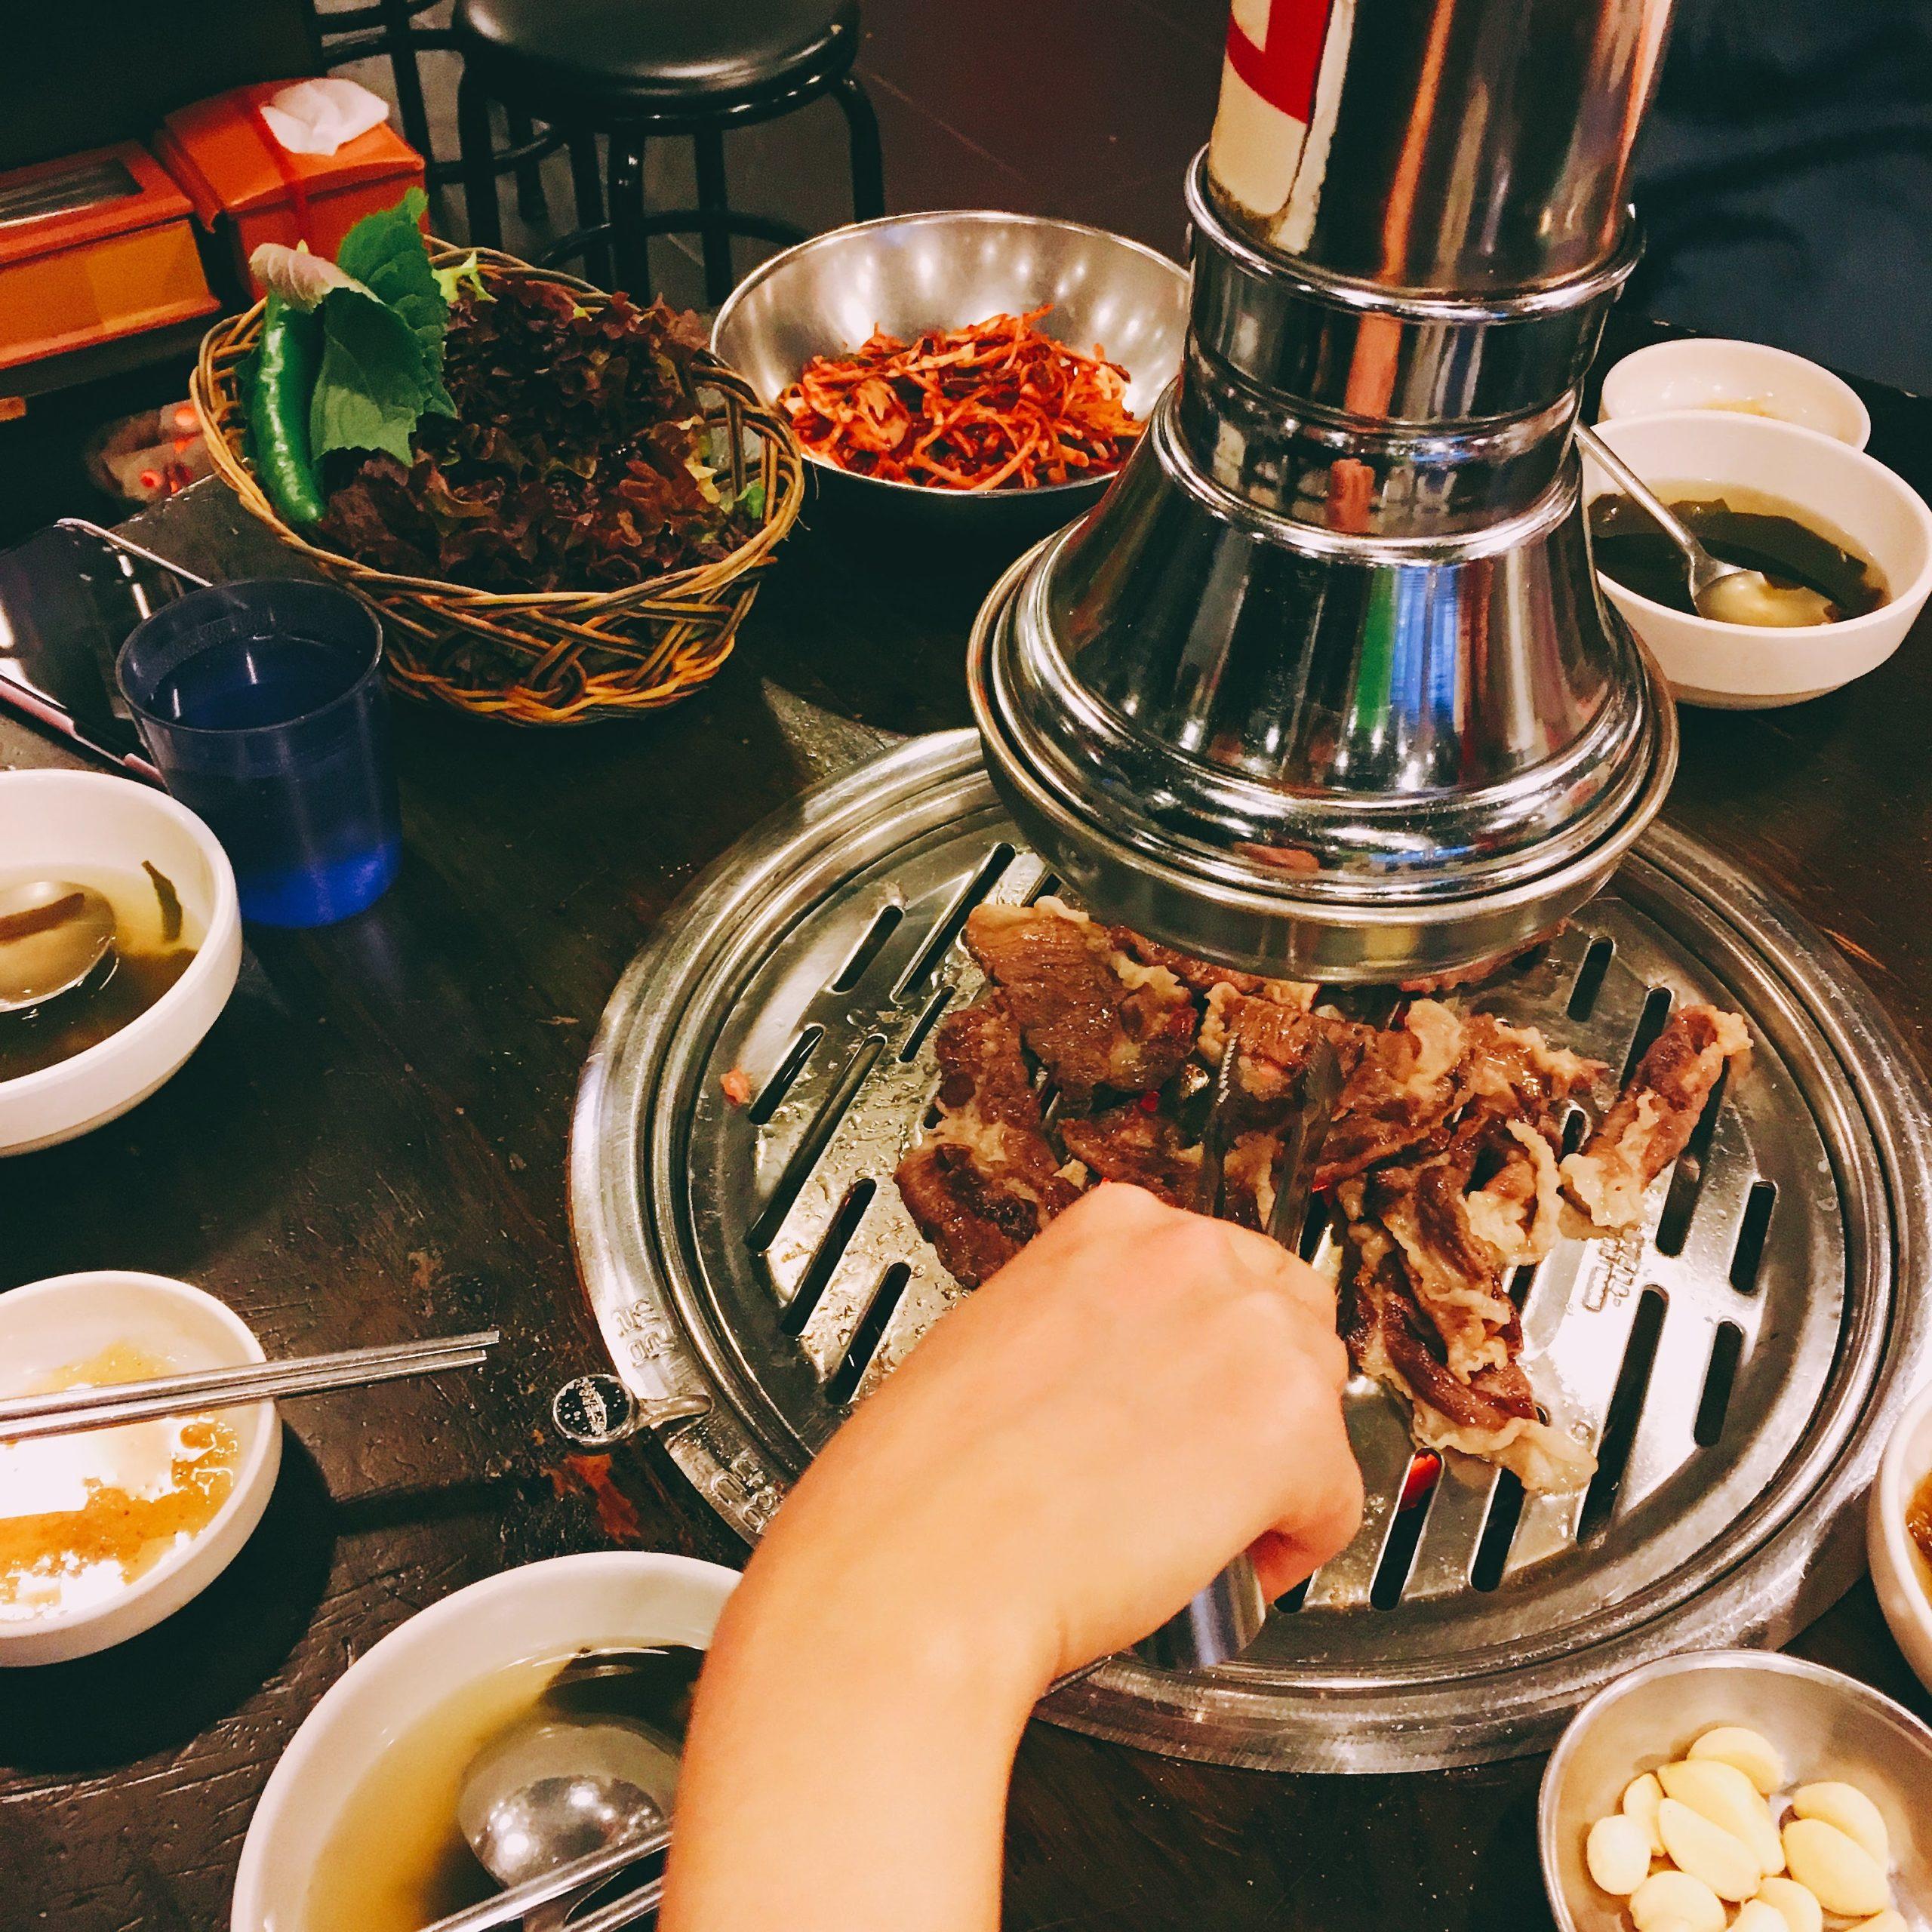 韓國首爾|明洞必吃烤肉 新村食堂韓式烤肉 美味又經濟實惠 阿珠媽人好又熱情烤的肉也多汁好吃